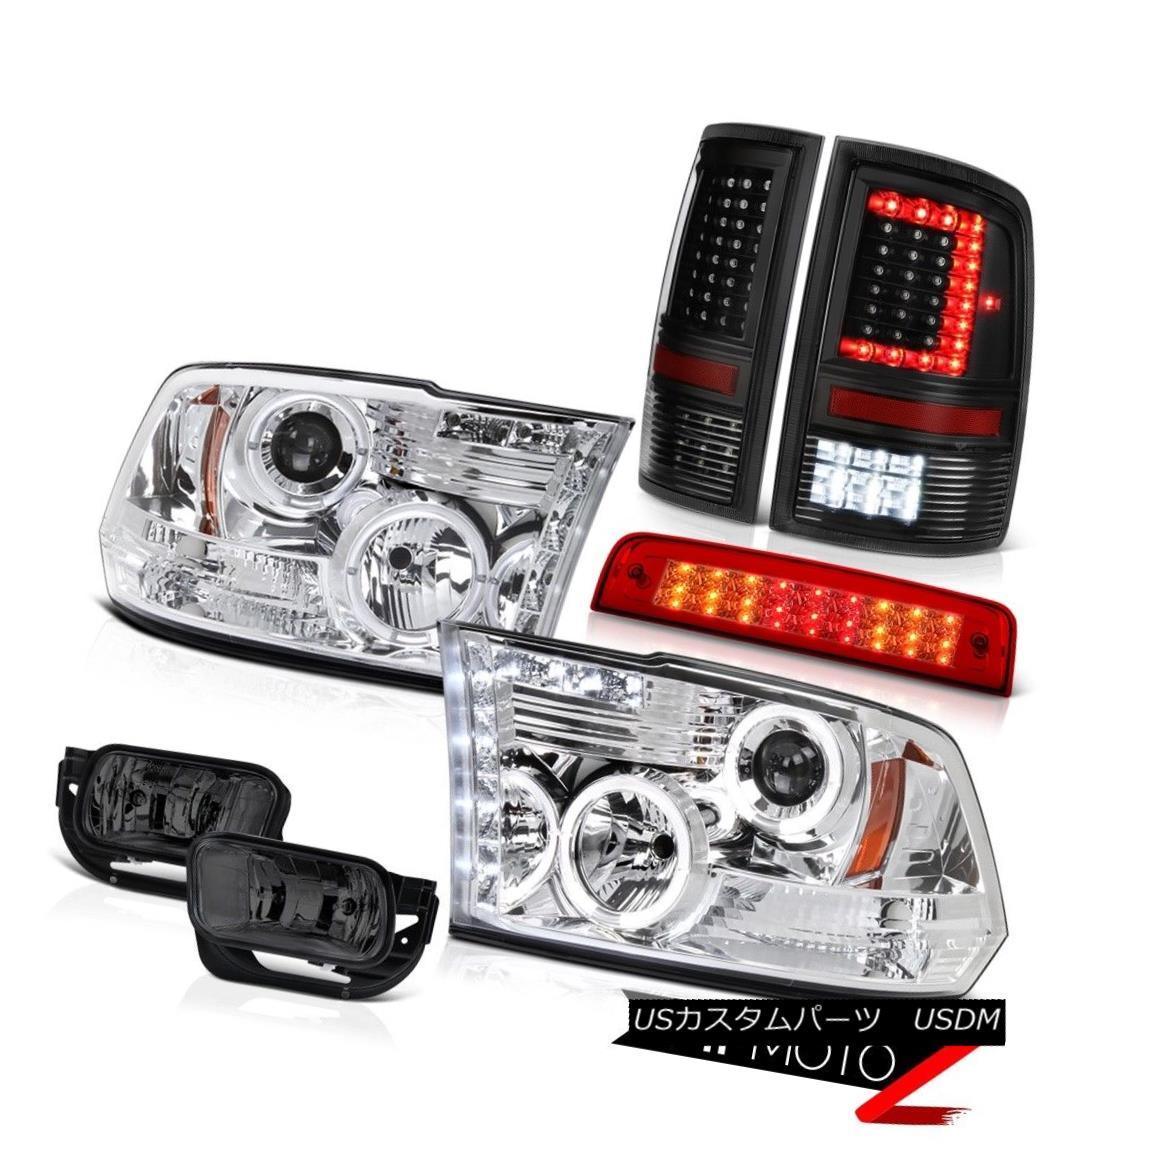 テールライト 09-14 15-18 Dodge RAM 2500 3500 Inky Black Tail Light Brake Fog Lamps Headlamps 09-14 15-18 Dodge RAM 2500 3500 Inky Blackテールライトブレーキフォグランプヘッドランプ